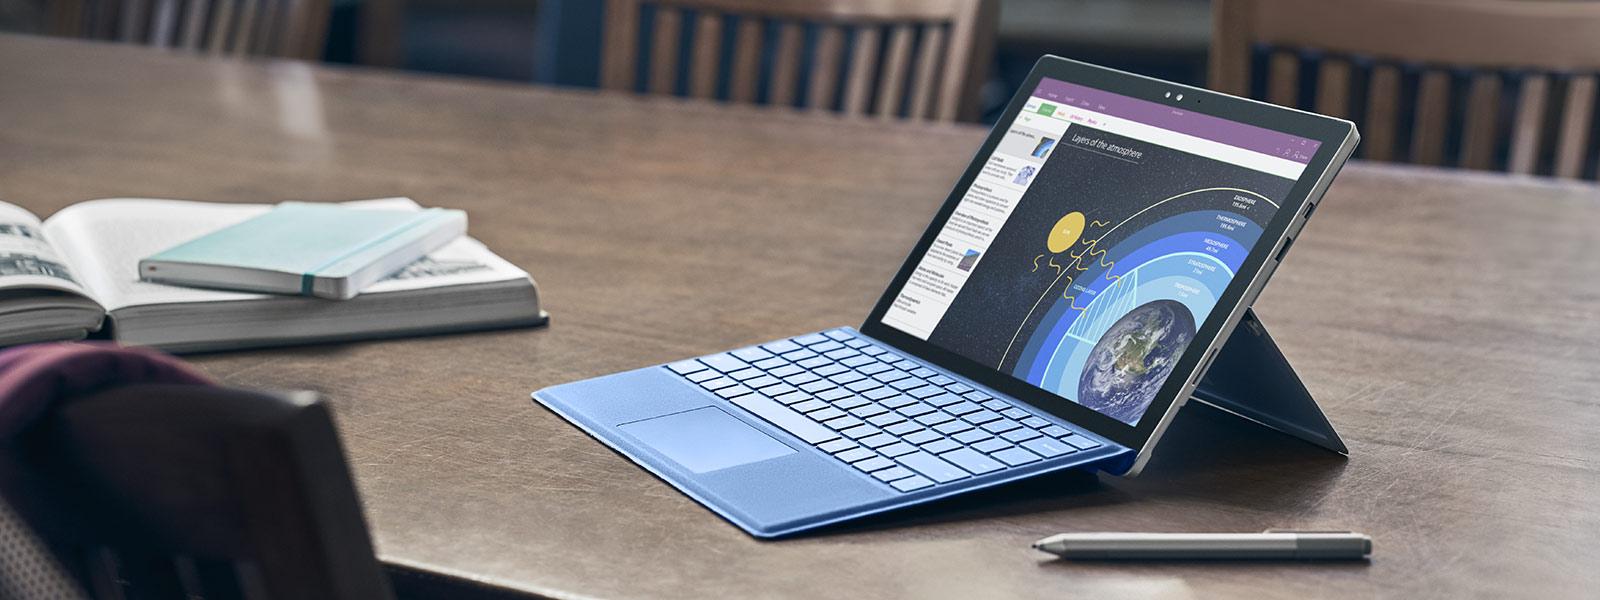 Surface Studio i studioläge med Surface-penna och mus.